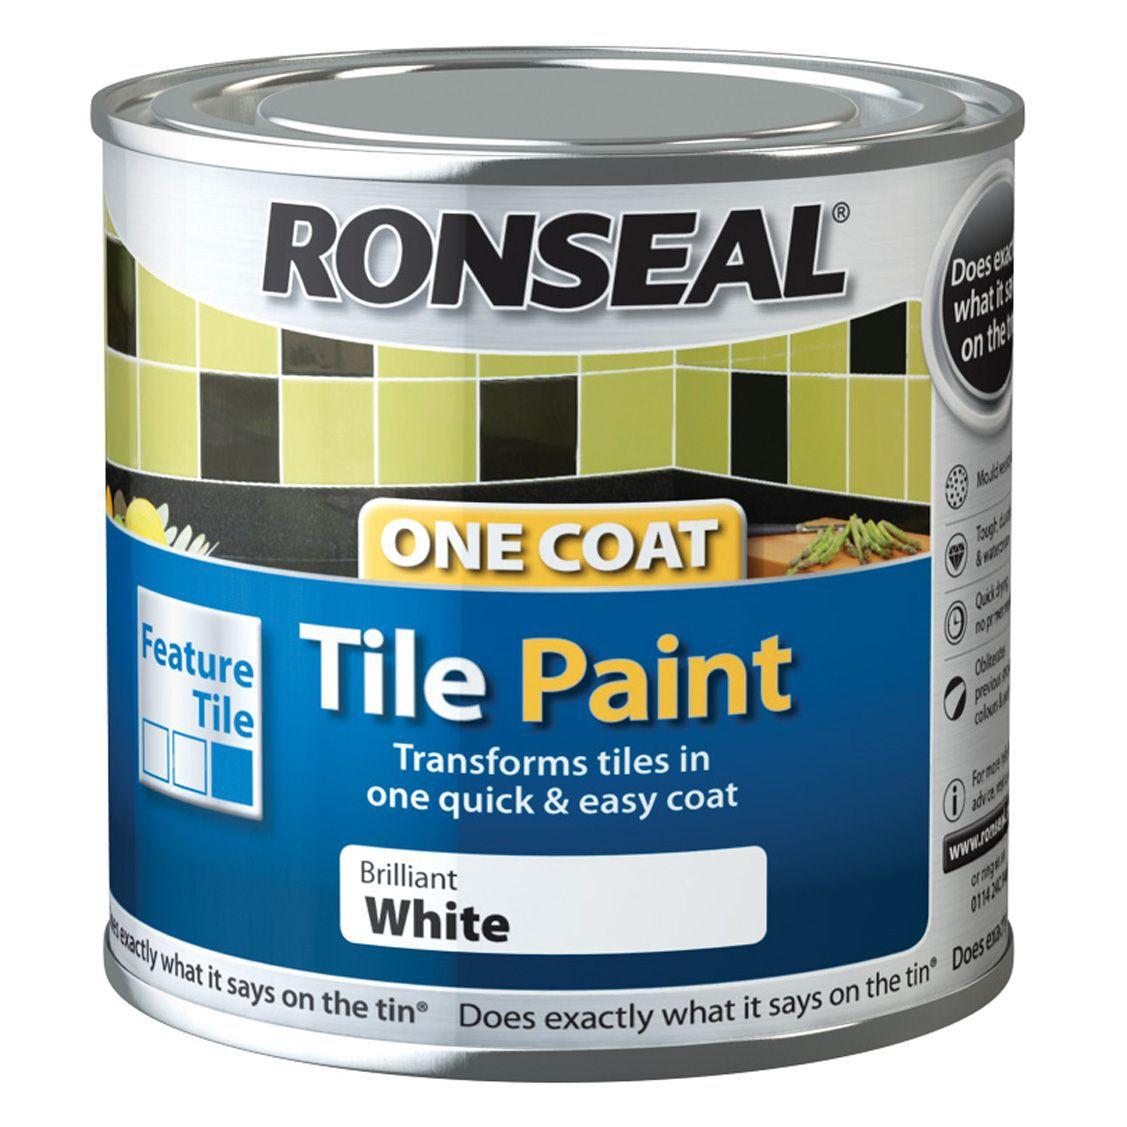 Ronseal Tile Paints Brilliant White High Gloss Tile Paint0.25L ...